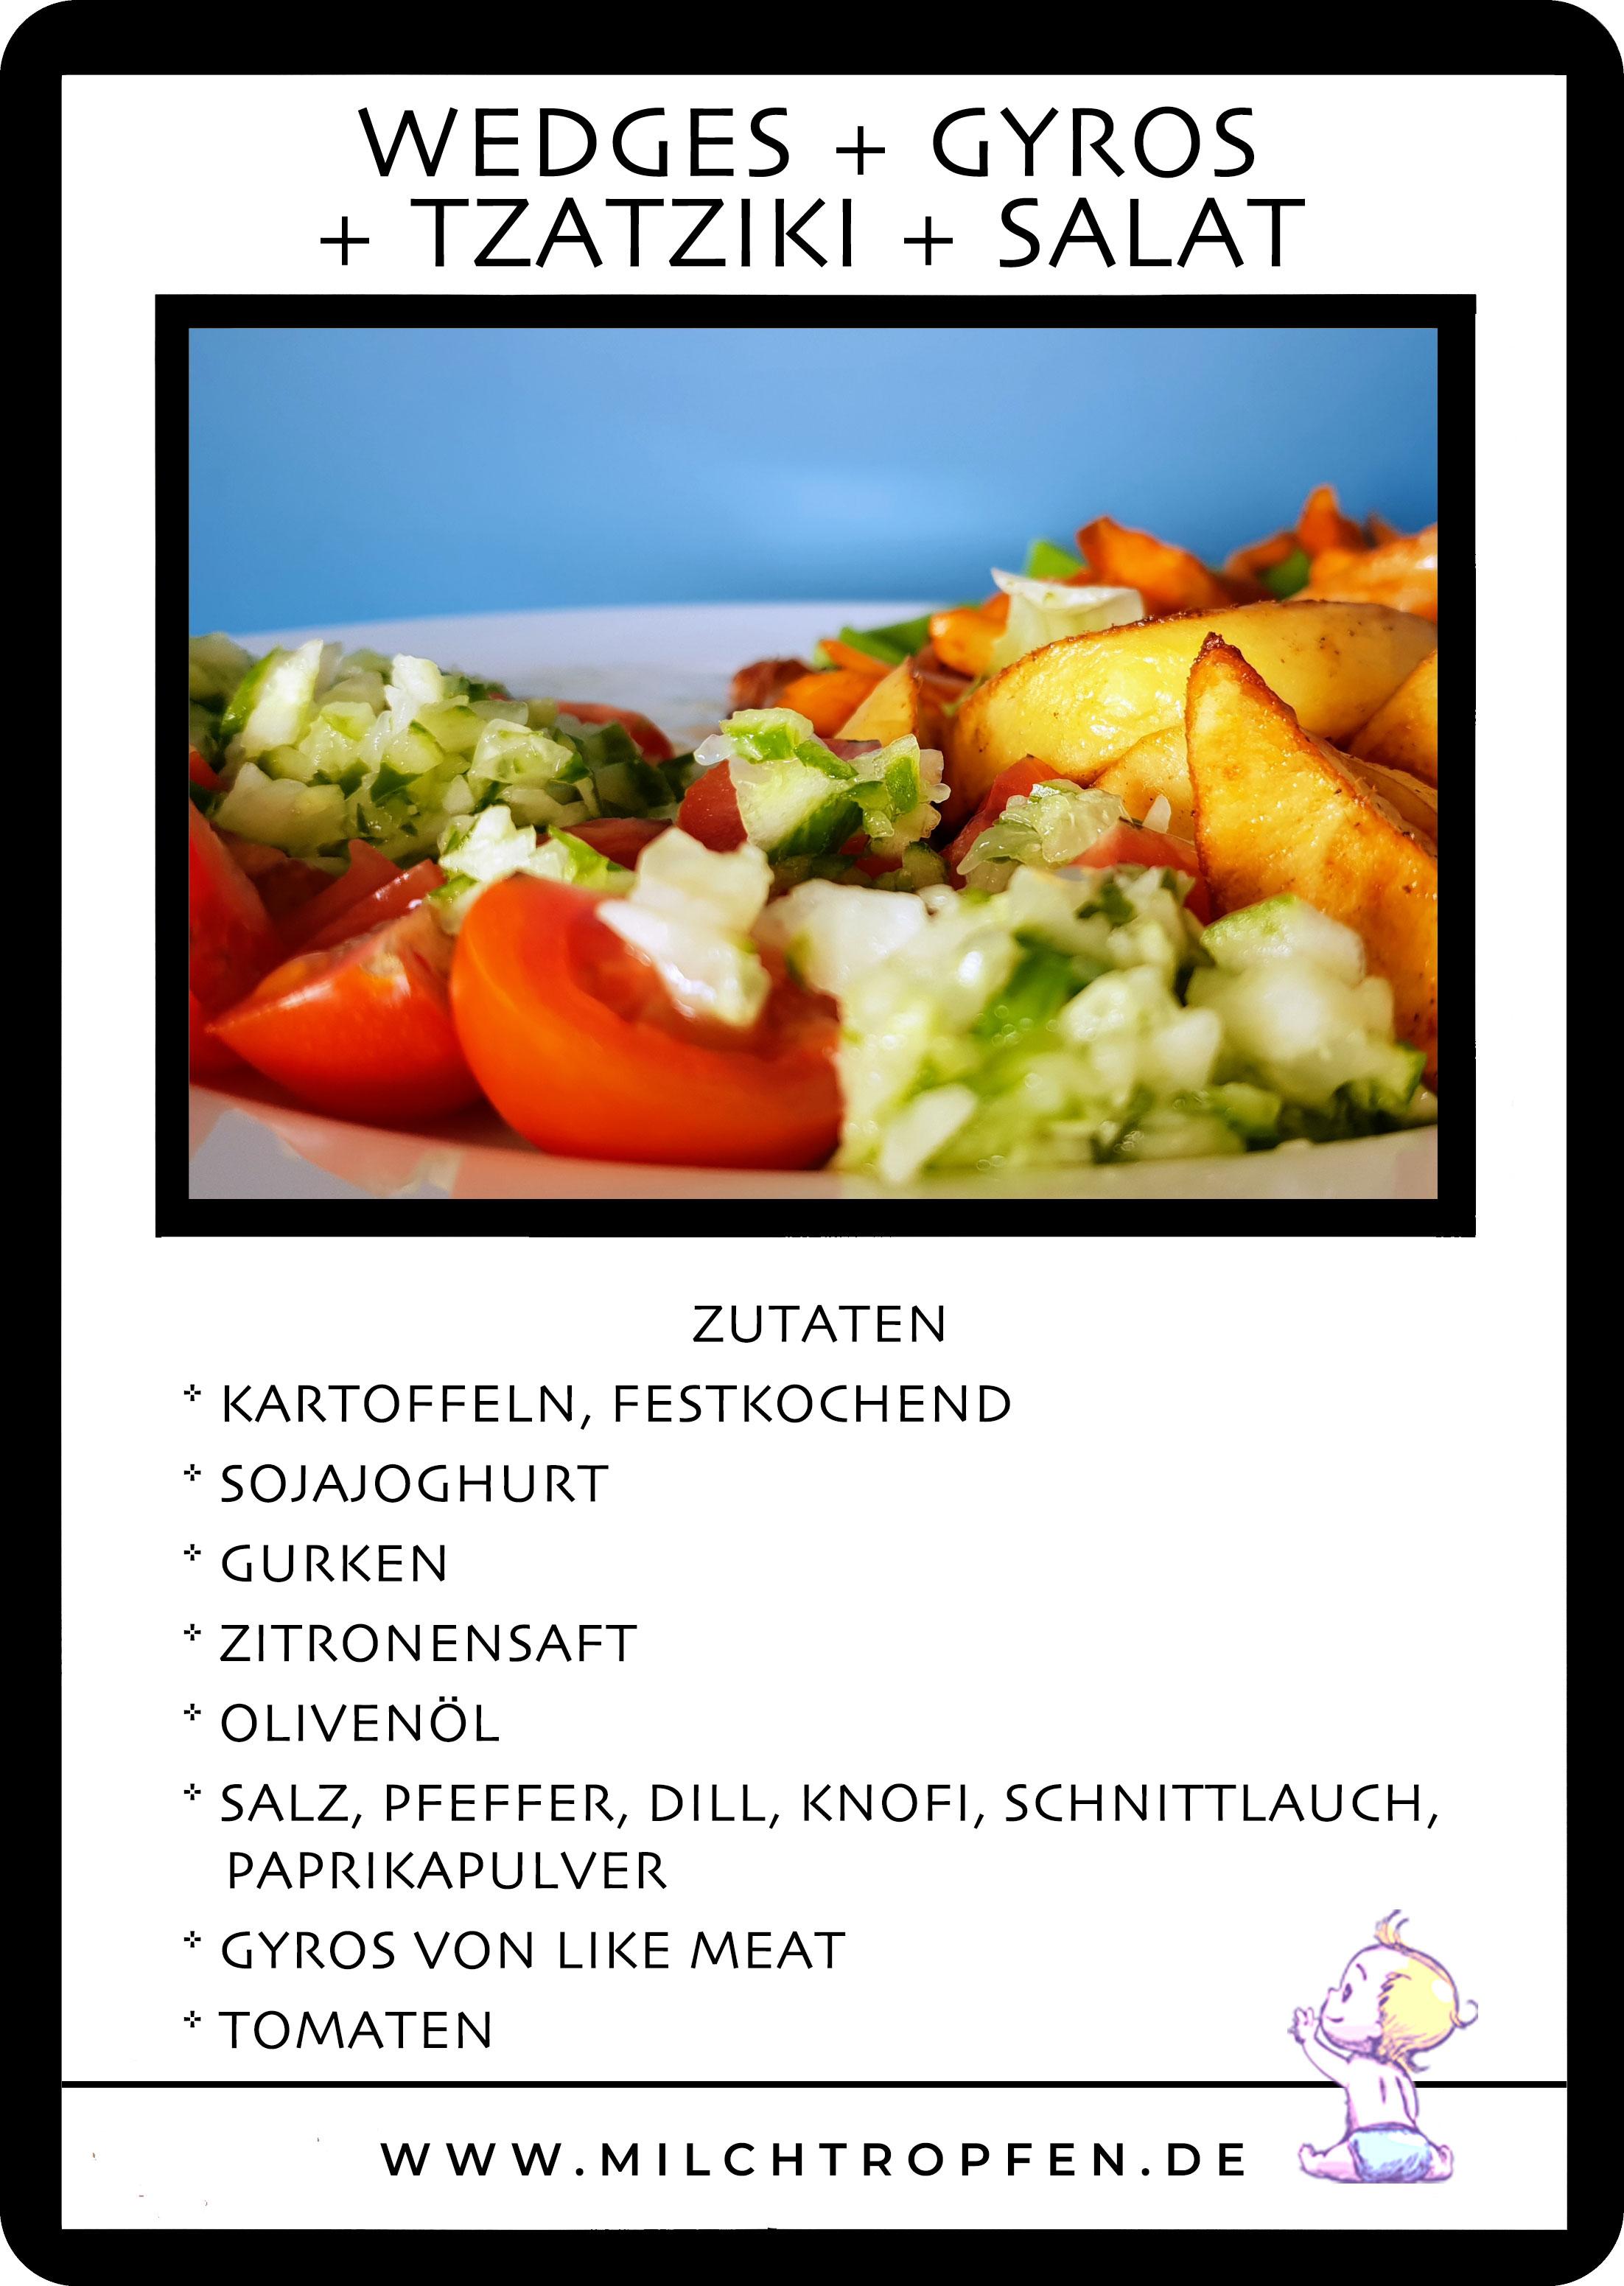 Wedges mit Like Meat Gyros, veganem Tzatziki und Salat | Mehr Infos auf www.milchtropfen.de